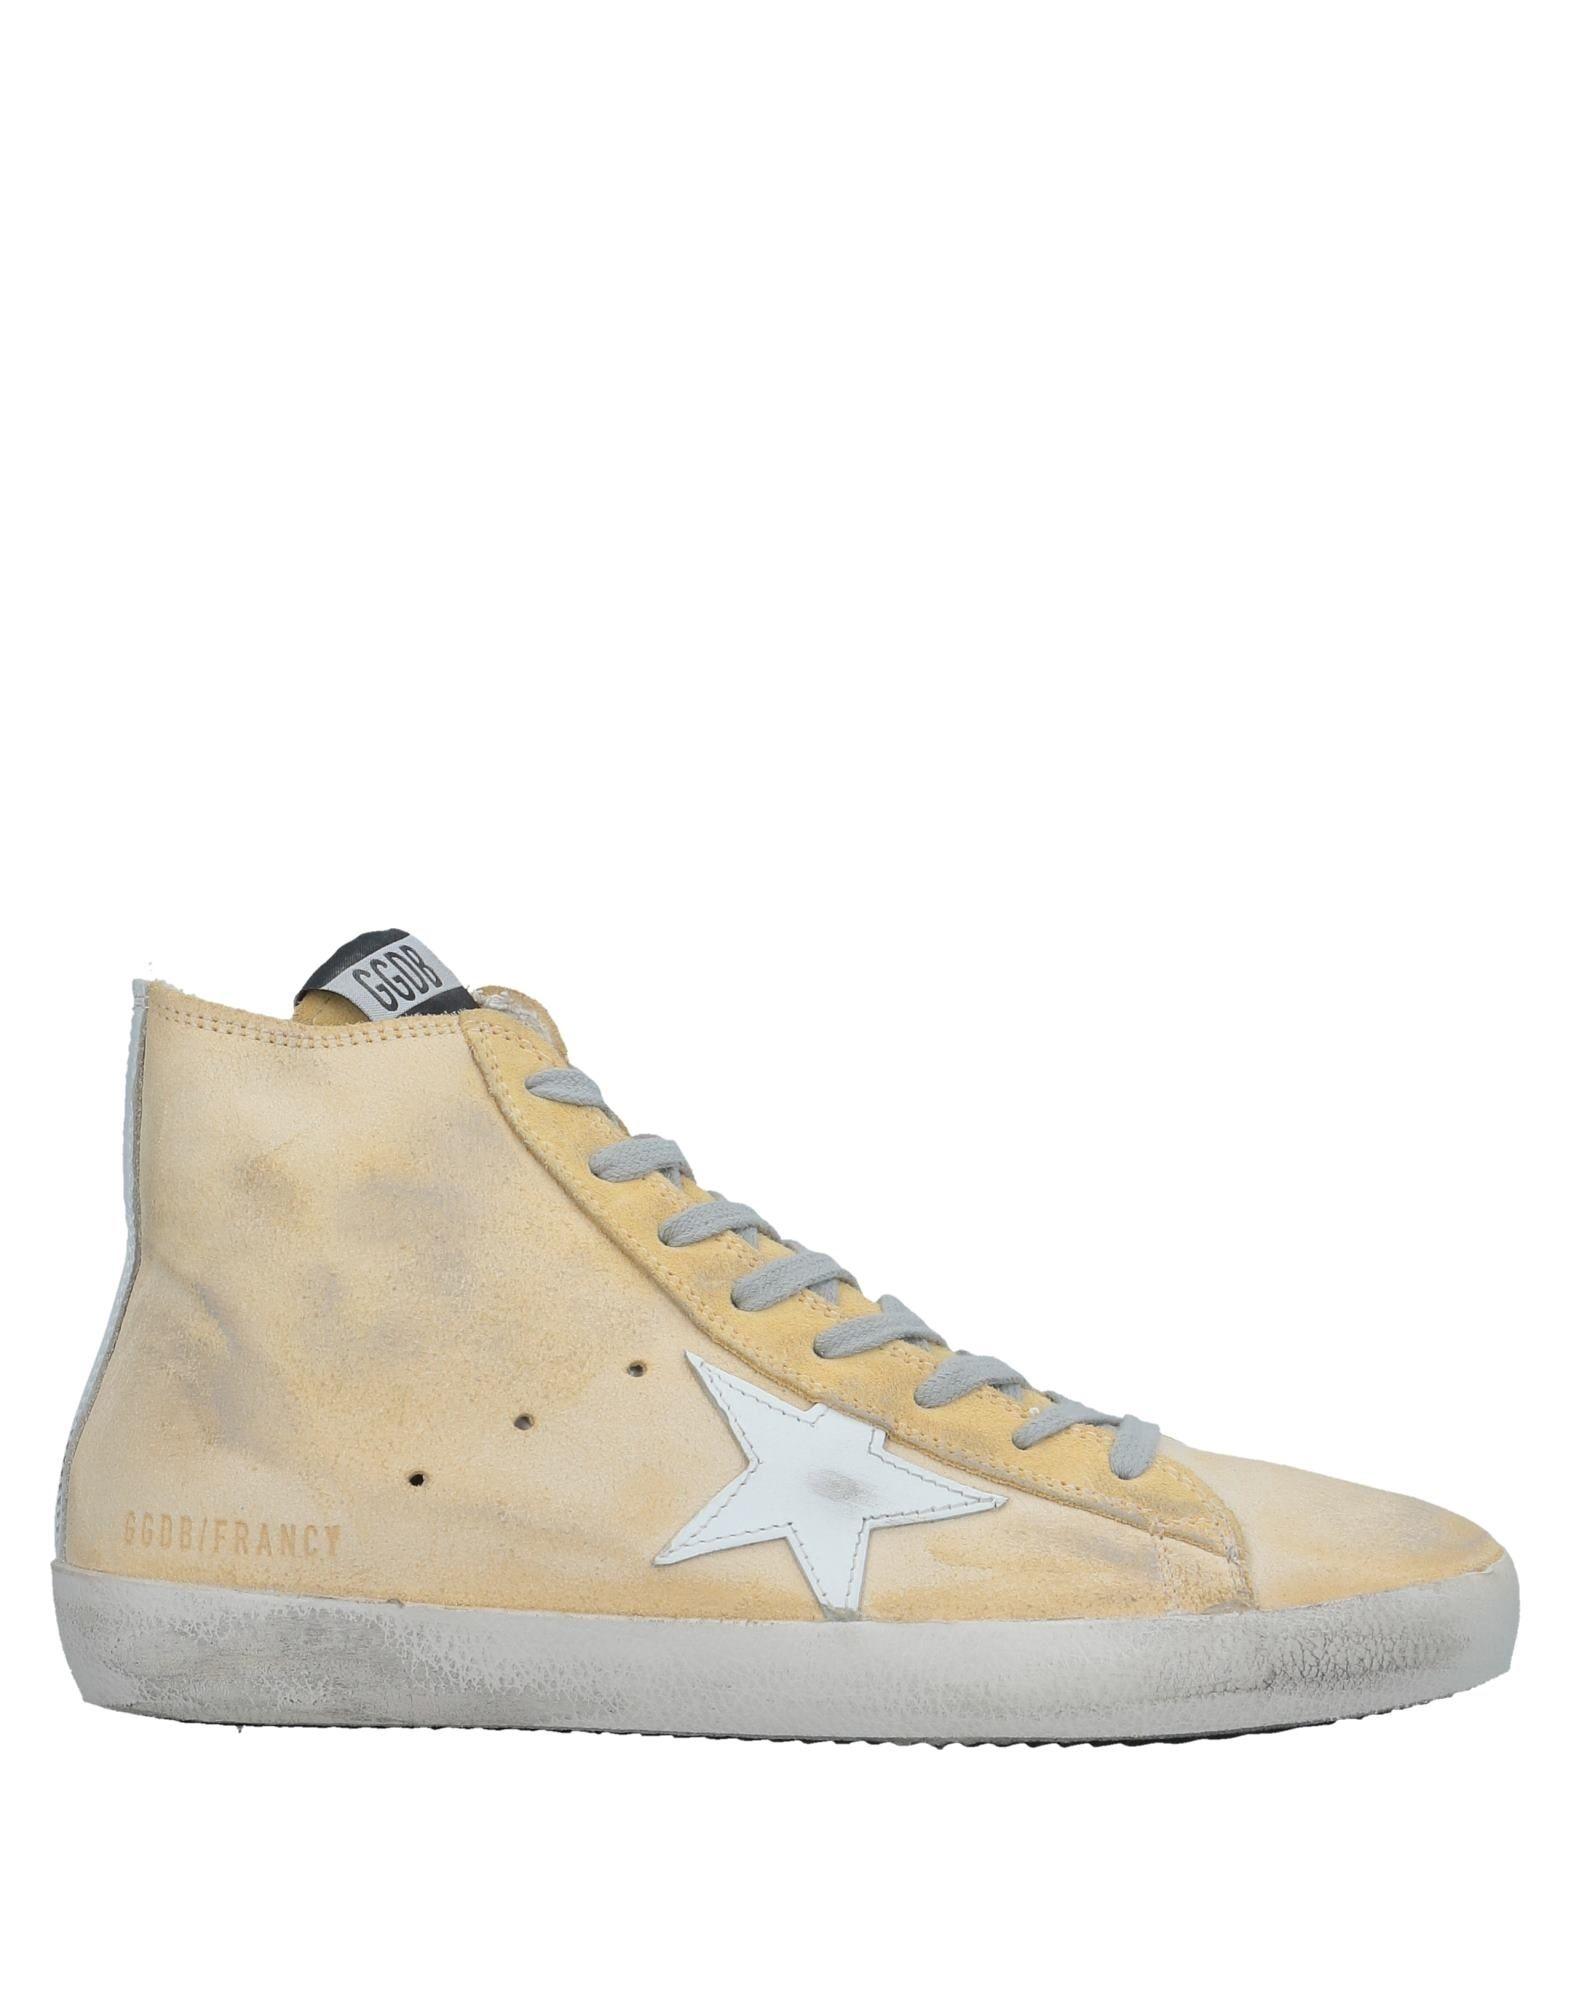 Rabatt Schuhe Golden Goose Deluxe Brand Sneakers Damen  11506787XM